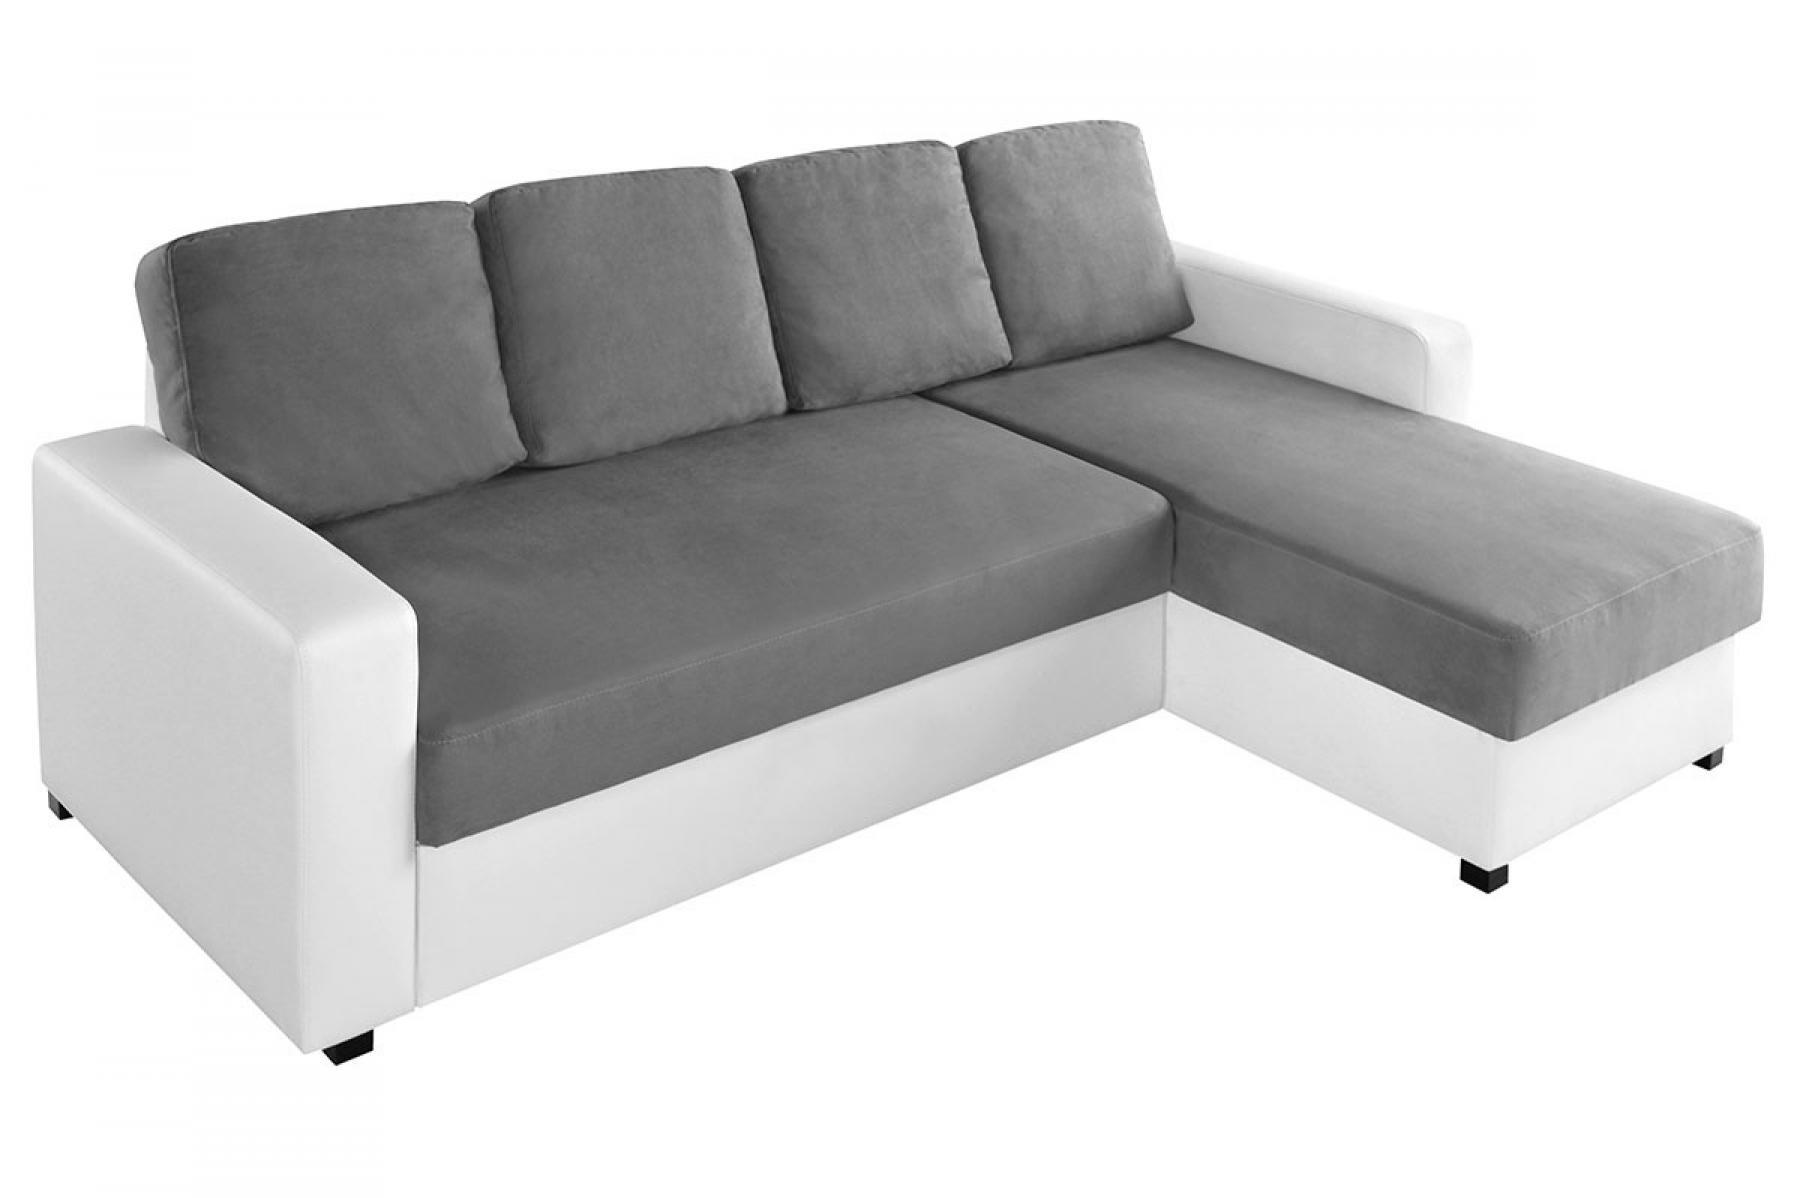 Photos canap d 39 angle gris et blanc - Canape gris et blanc conforama ...